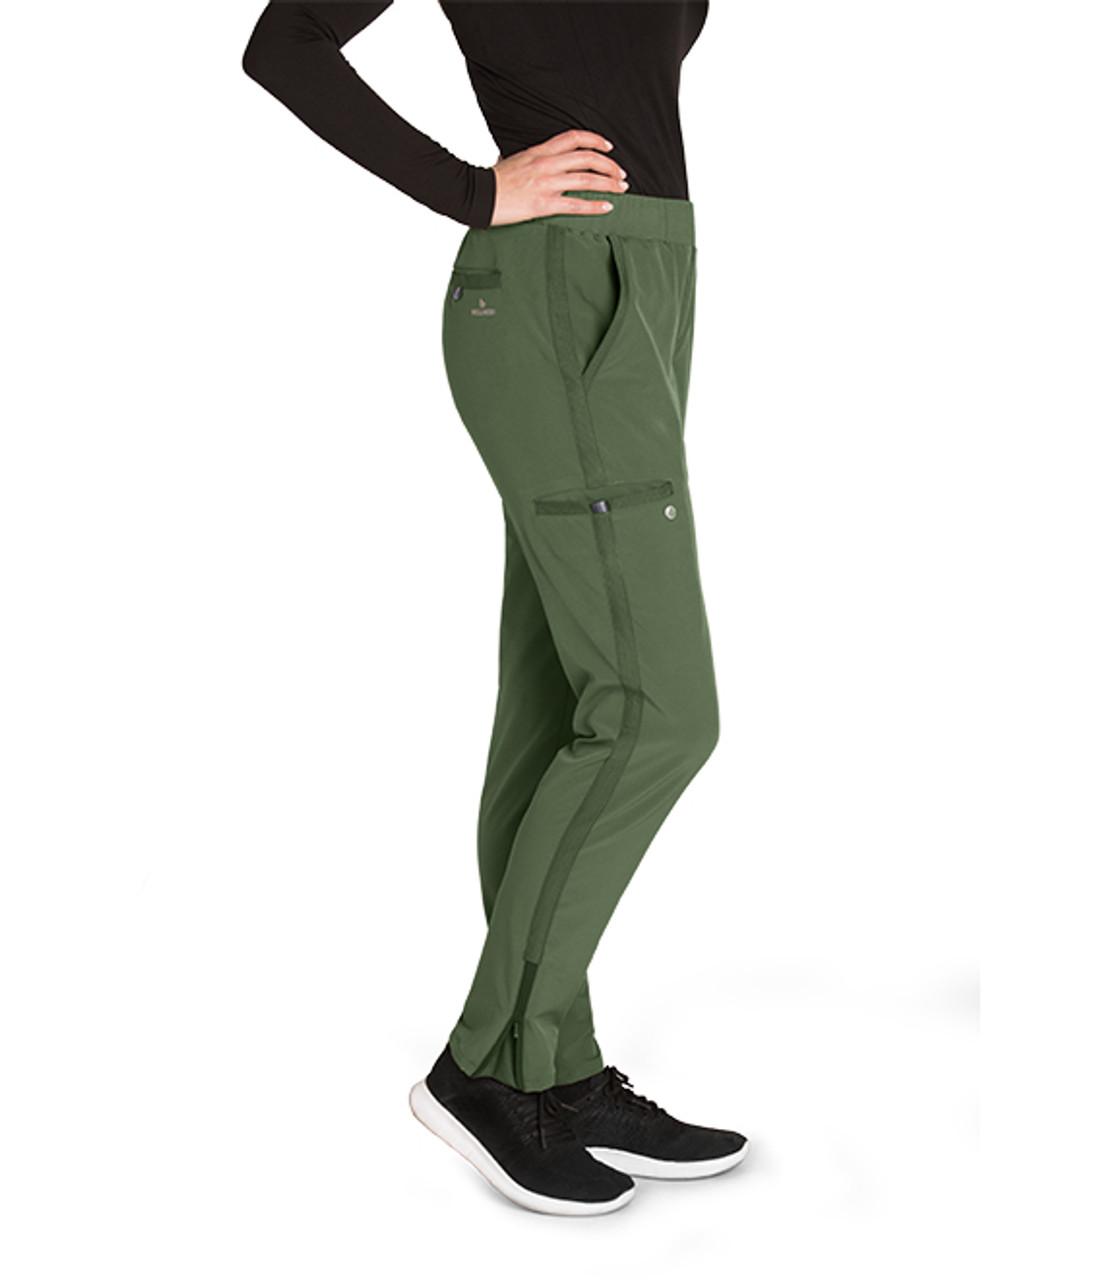 (BWP505T) Barco One Wellness Women's 5 Pocket Knit Waist Cargo Pant (Tall)